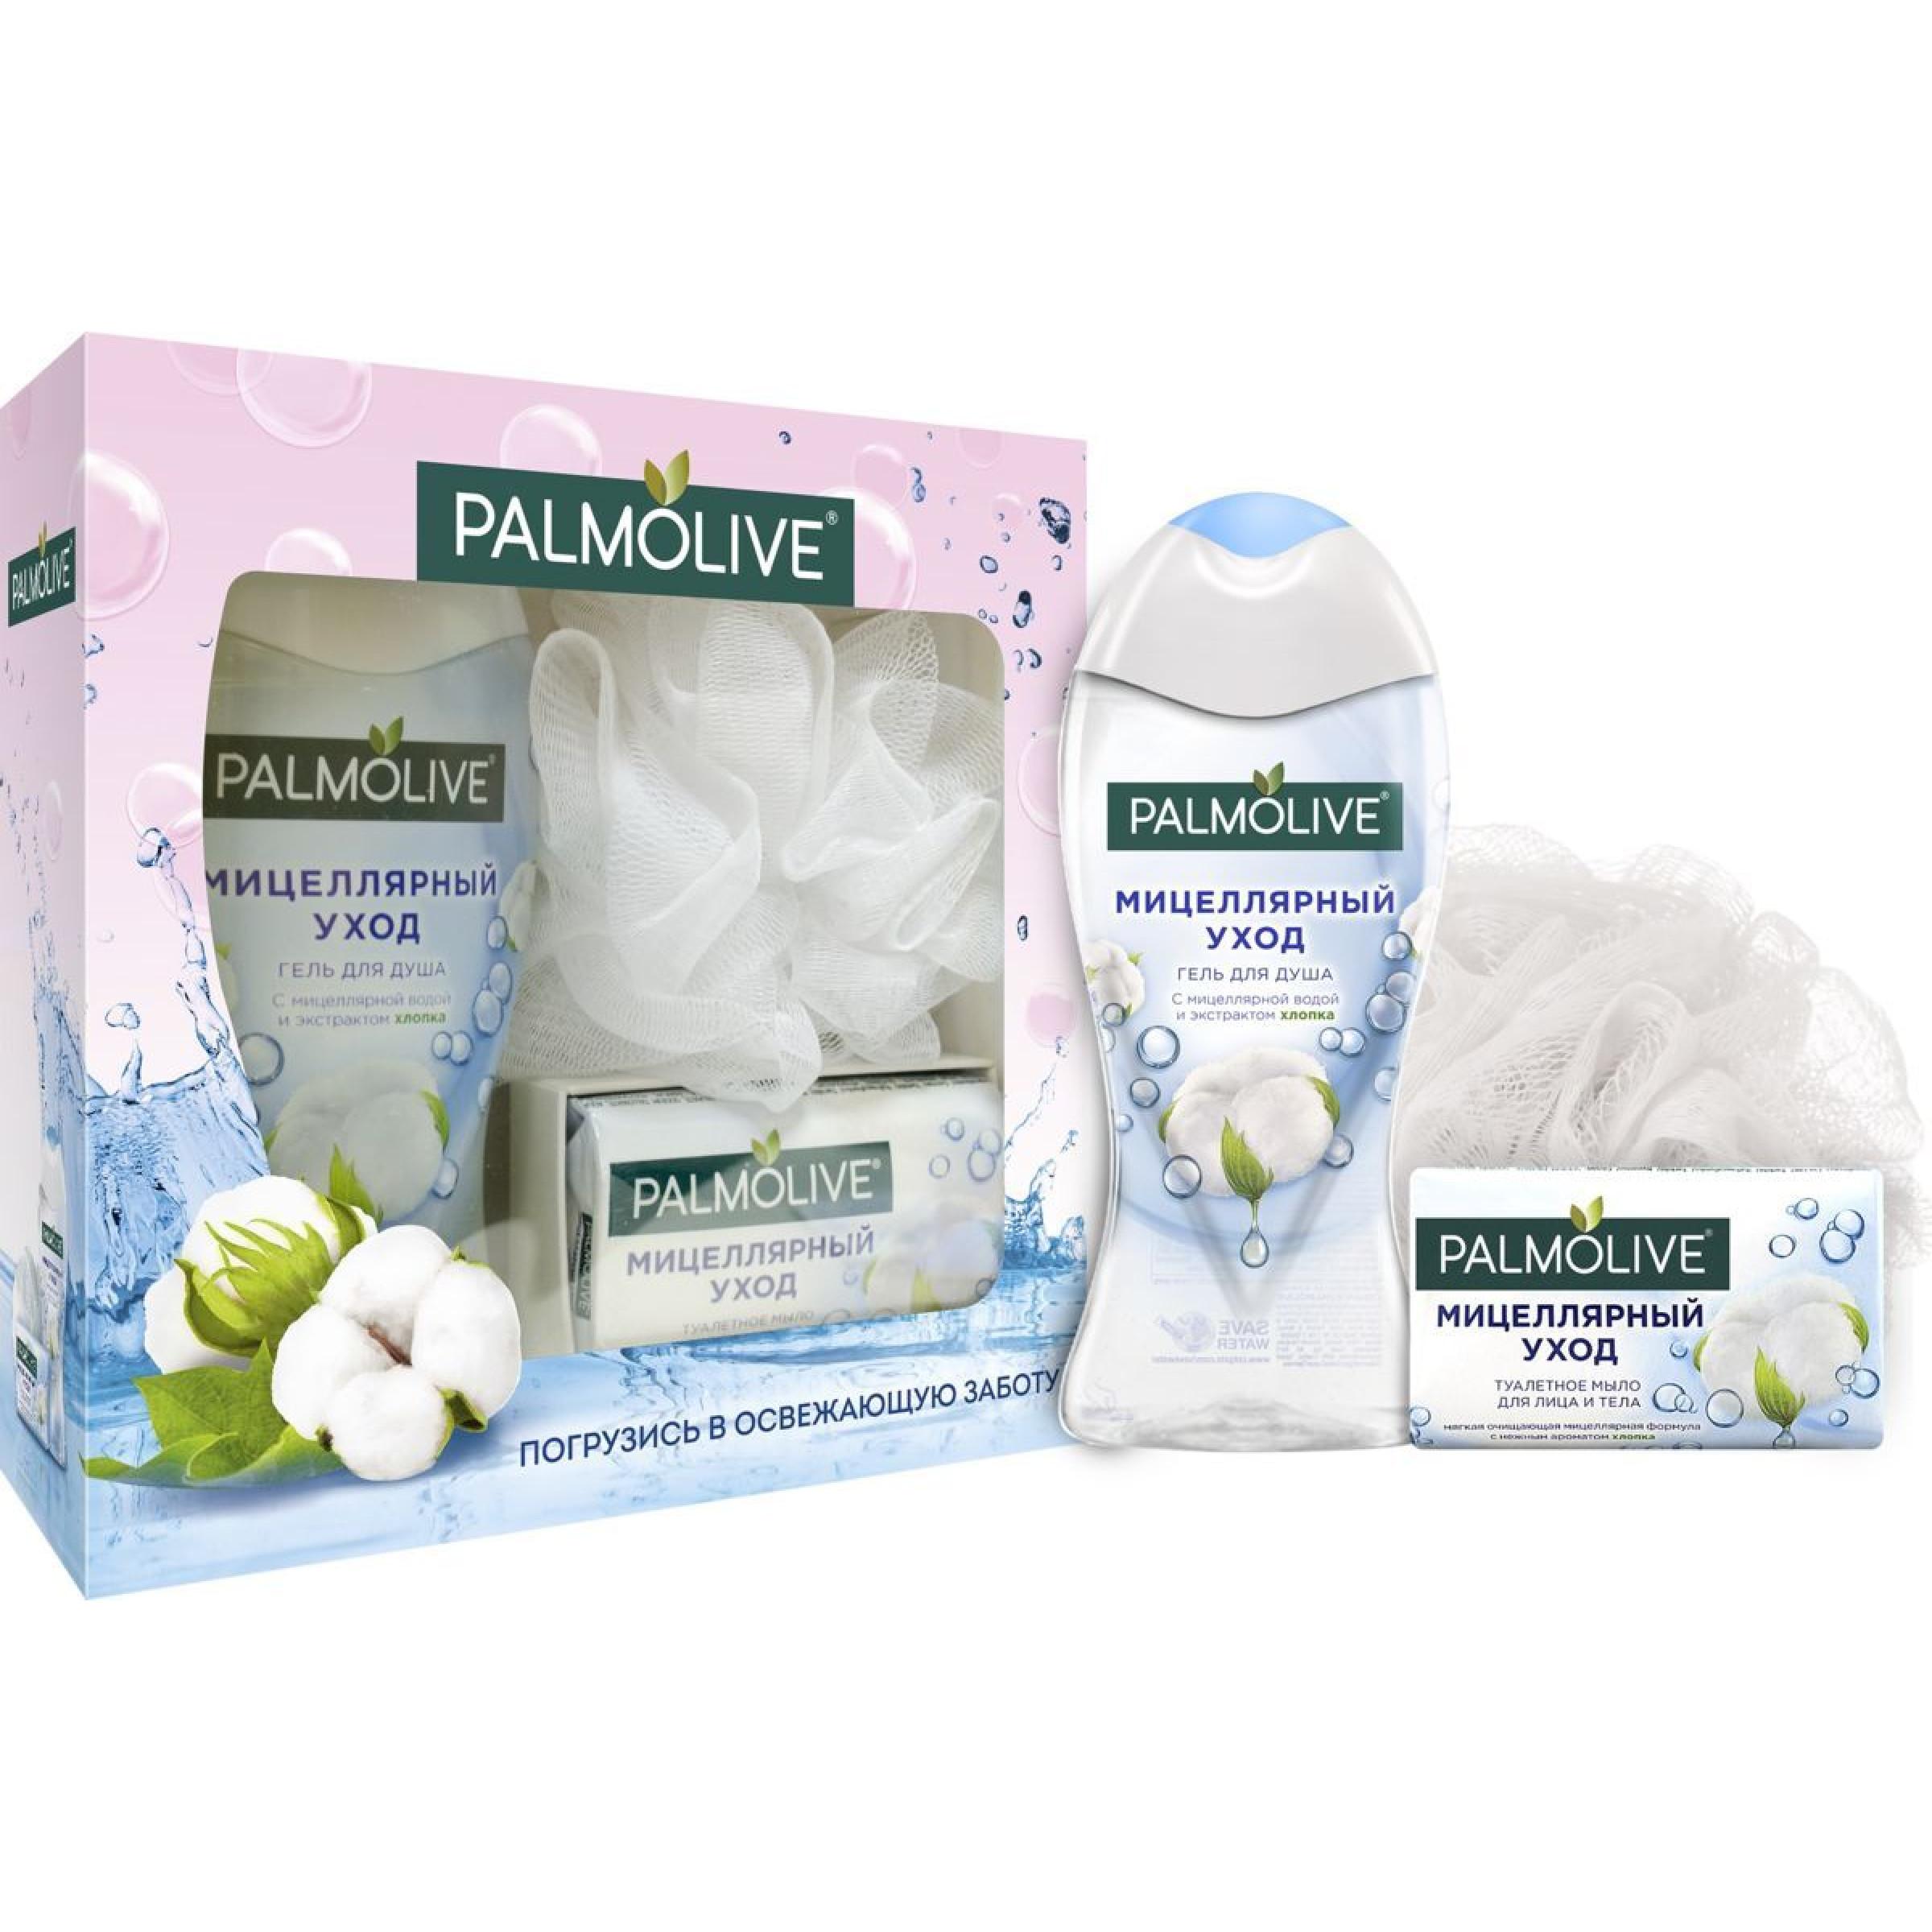 """Подарочный набор Мицелярный уход гель для душа 250мл + мыло 90гр + мочалка """"Palmolive"""", 1шт"""